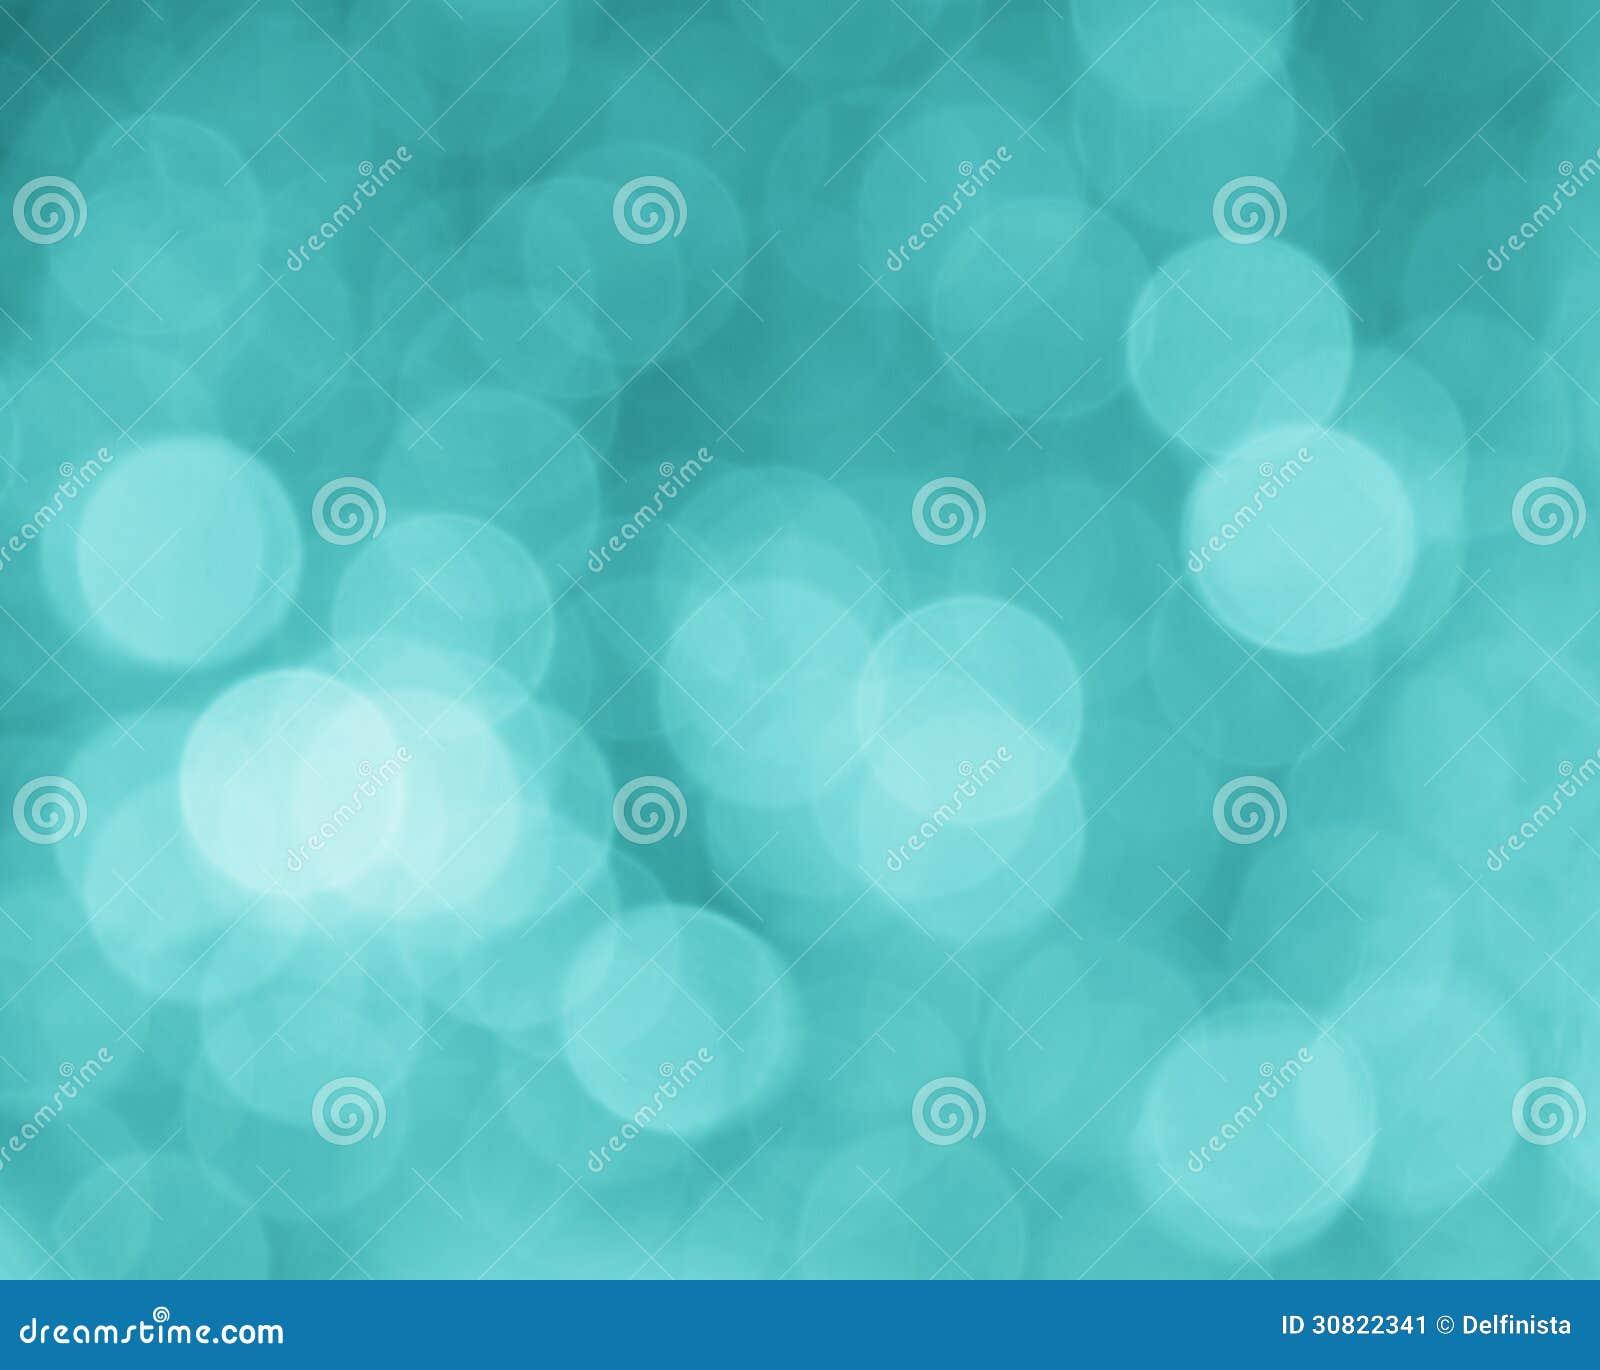 Fondo del verde de azules turquesa foto com n imagen de for Pintura verde turquesa